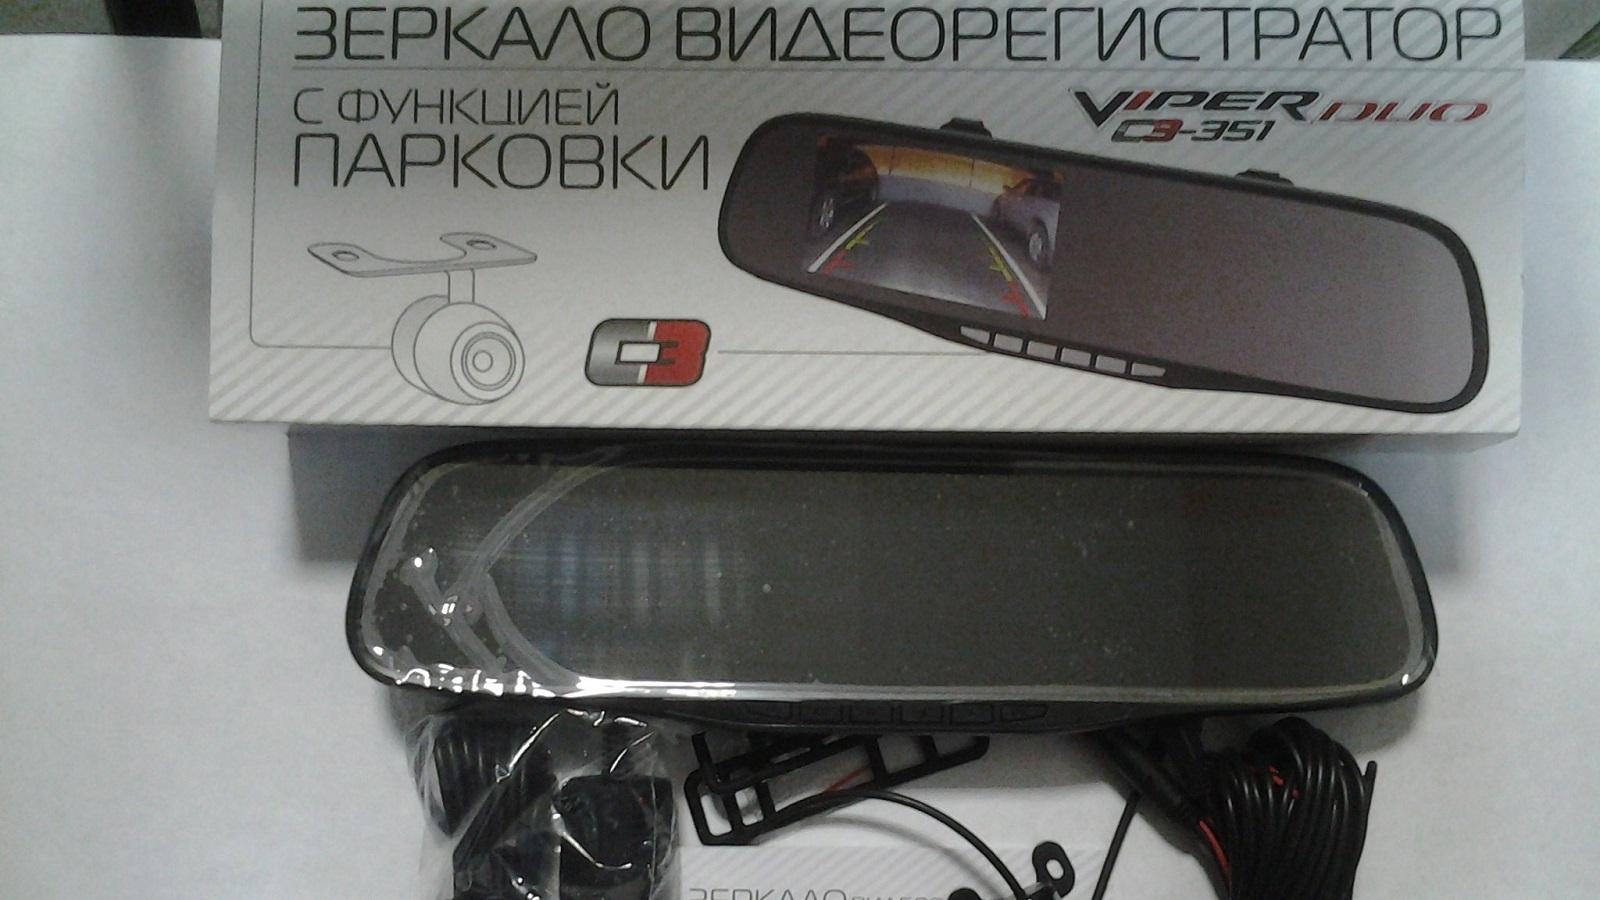 Видеорегистратор-зеркало VIPER C3-351 Duo